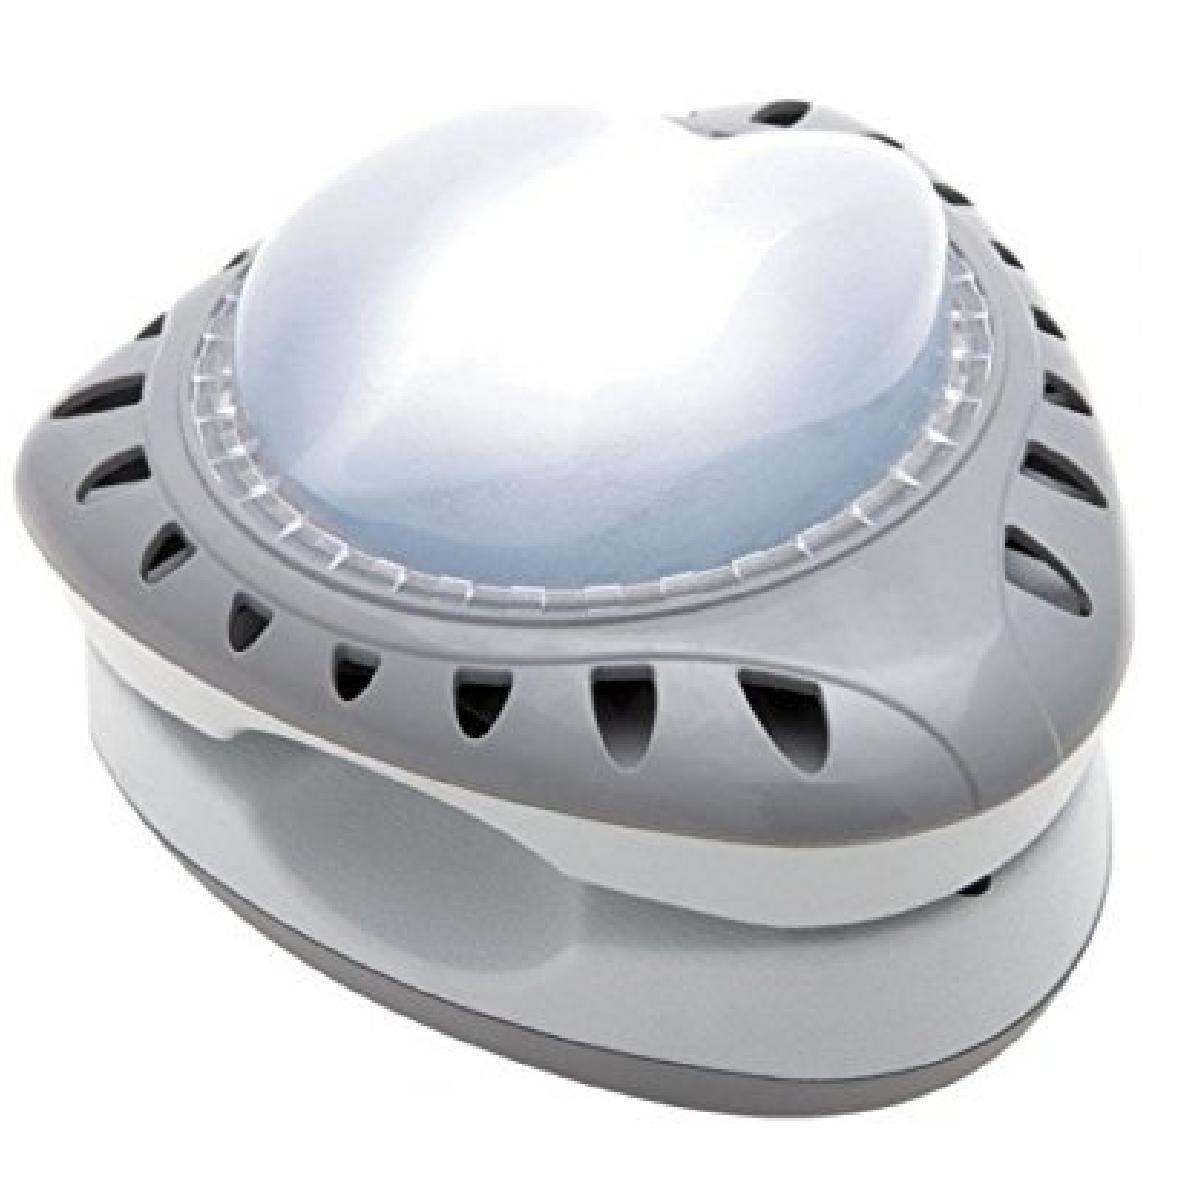 Cadeaux 2 ouf id es de cadeaux insolites et originaux for Lampe pour piscine